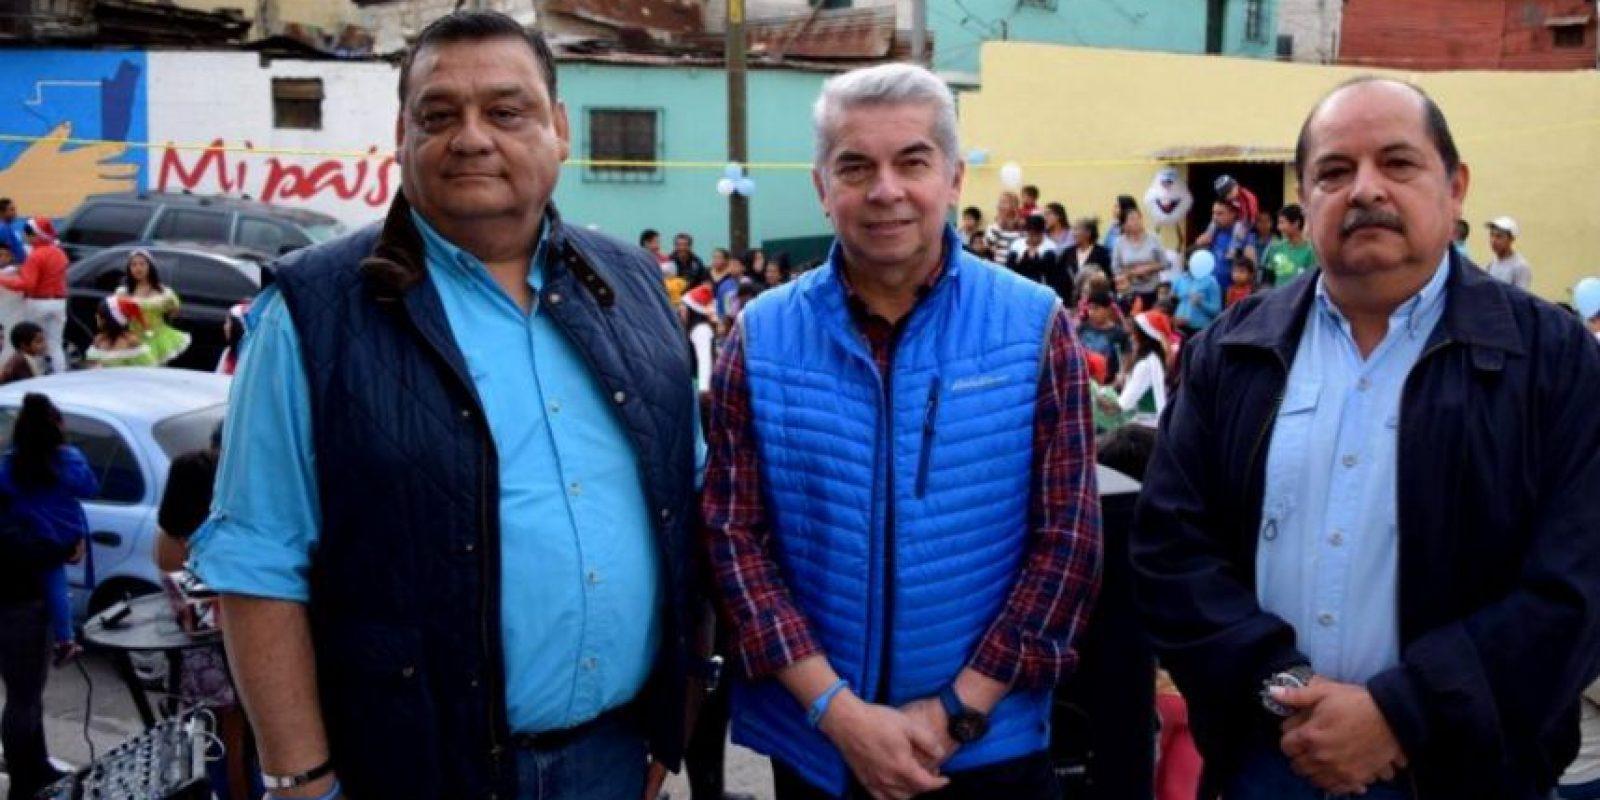 Foto:Twitter Mi País